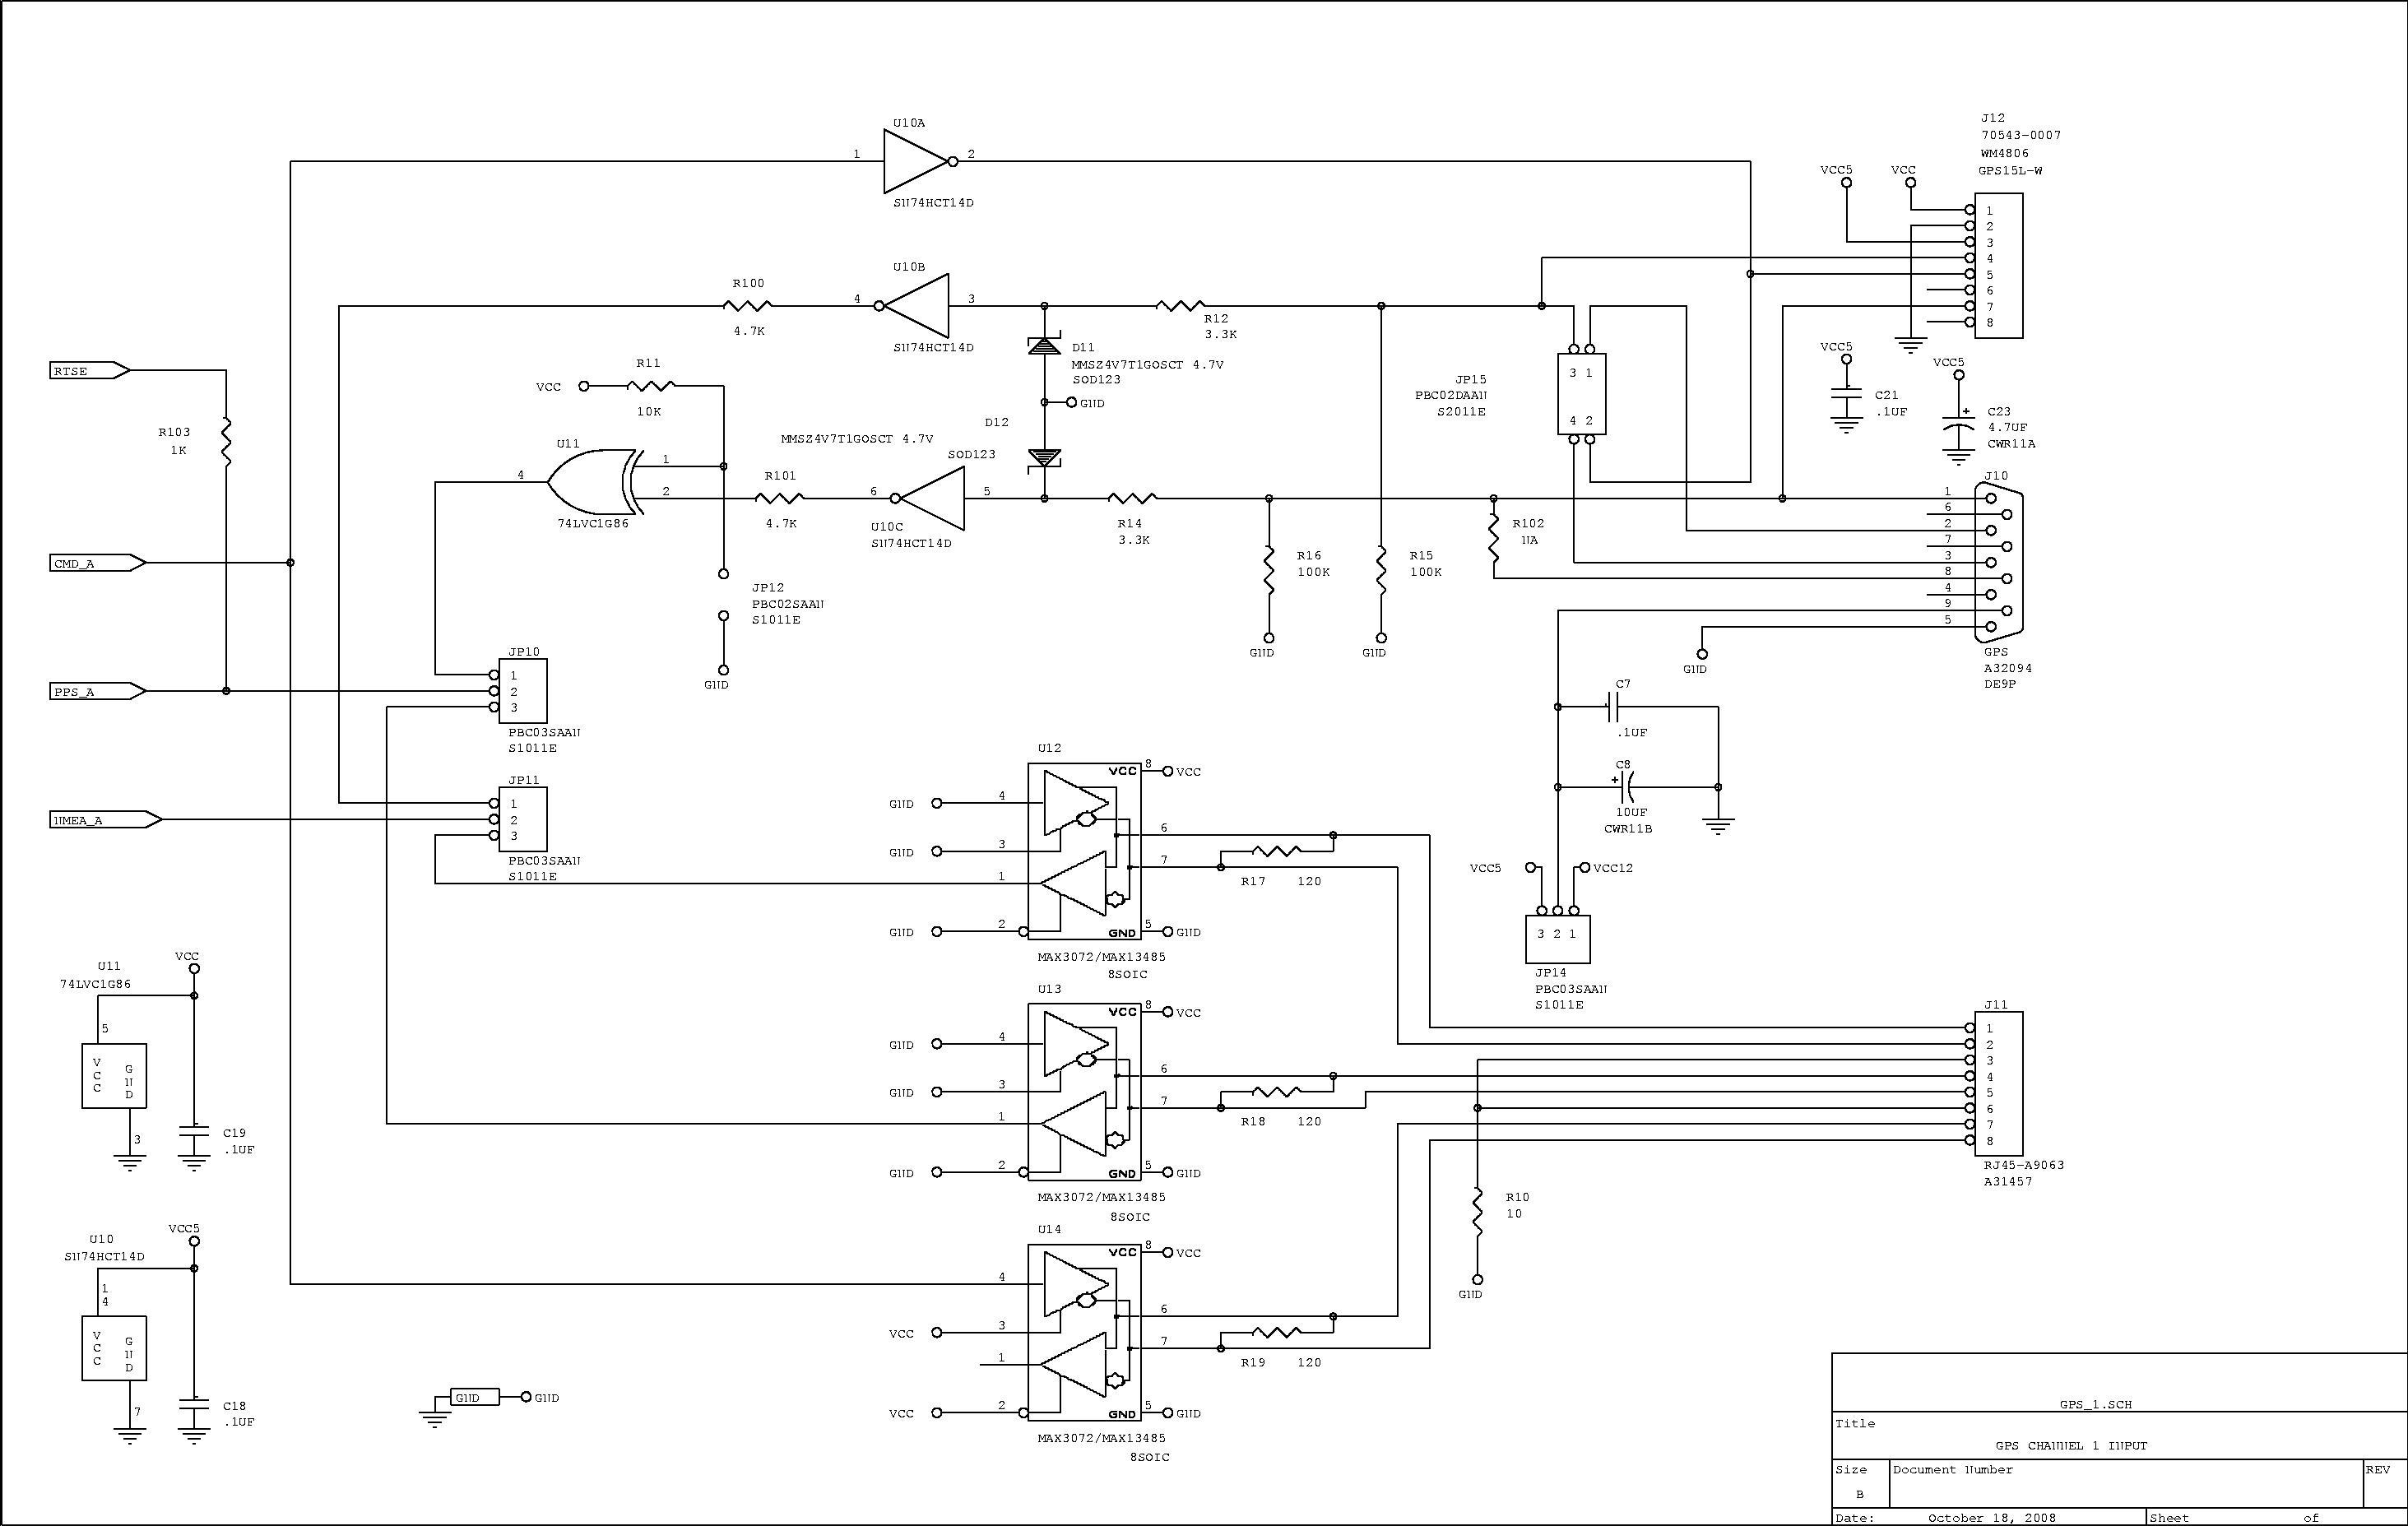 GPSmon - schematic